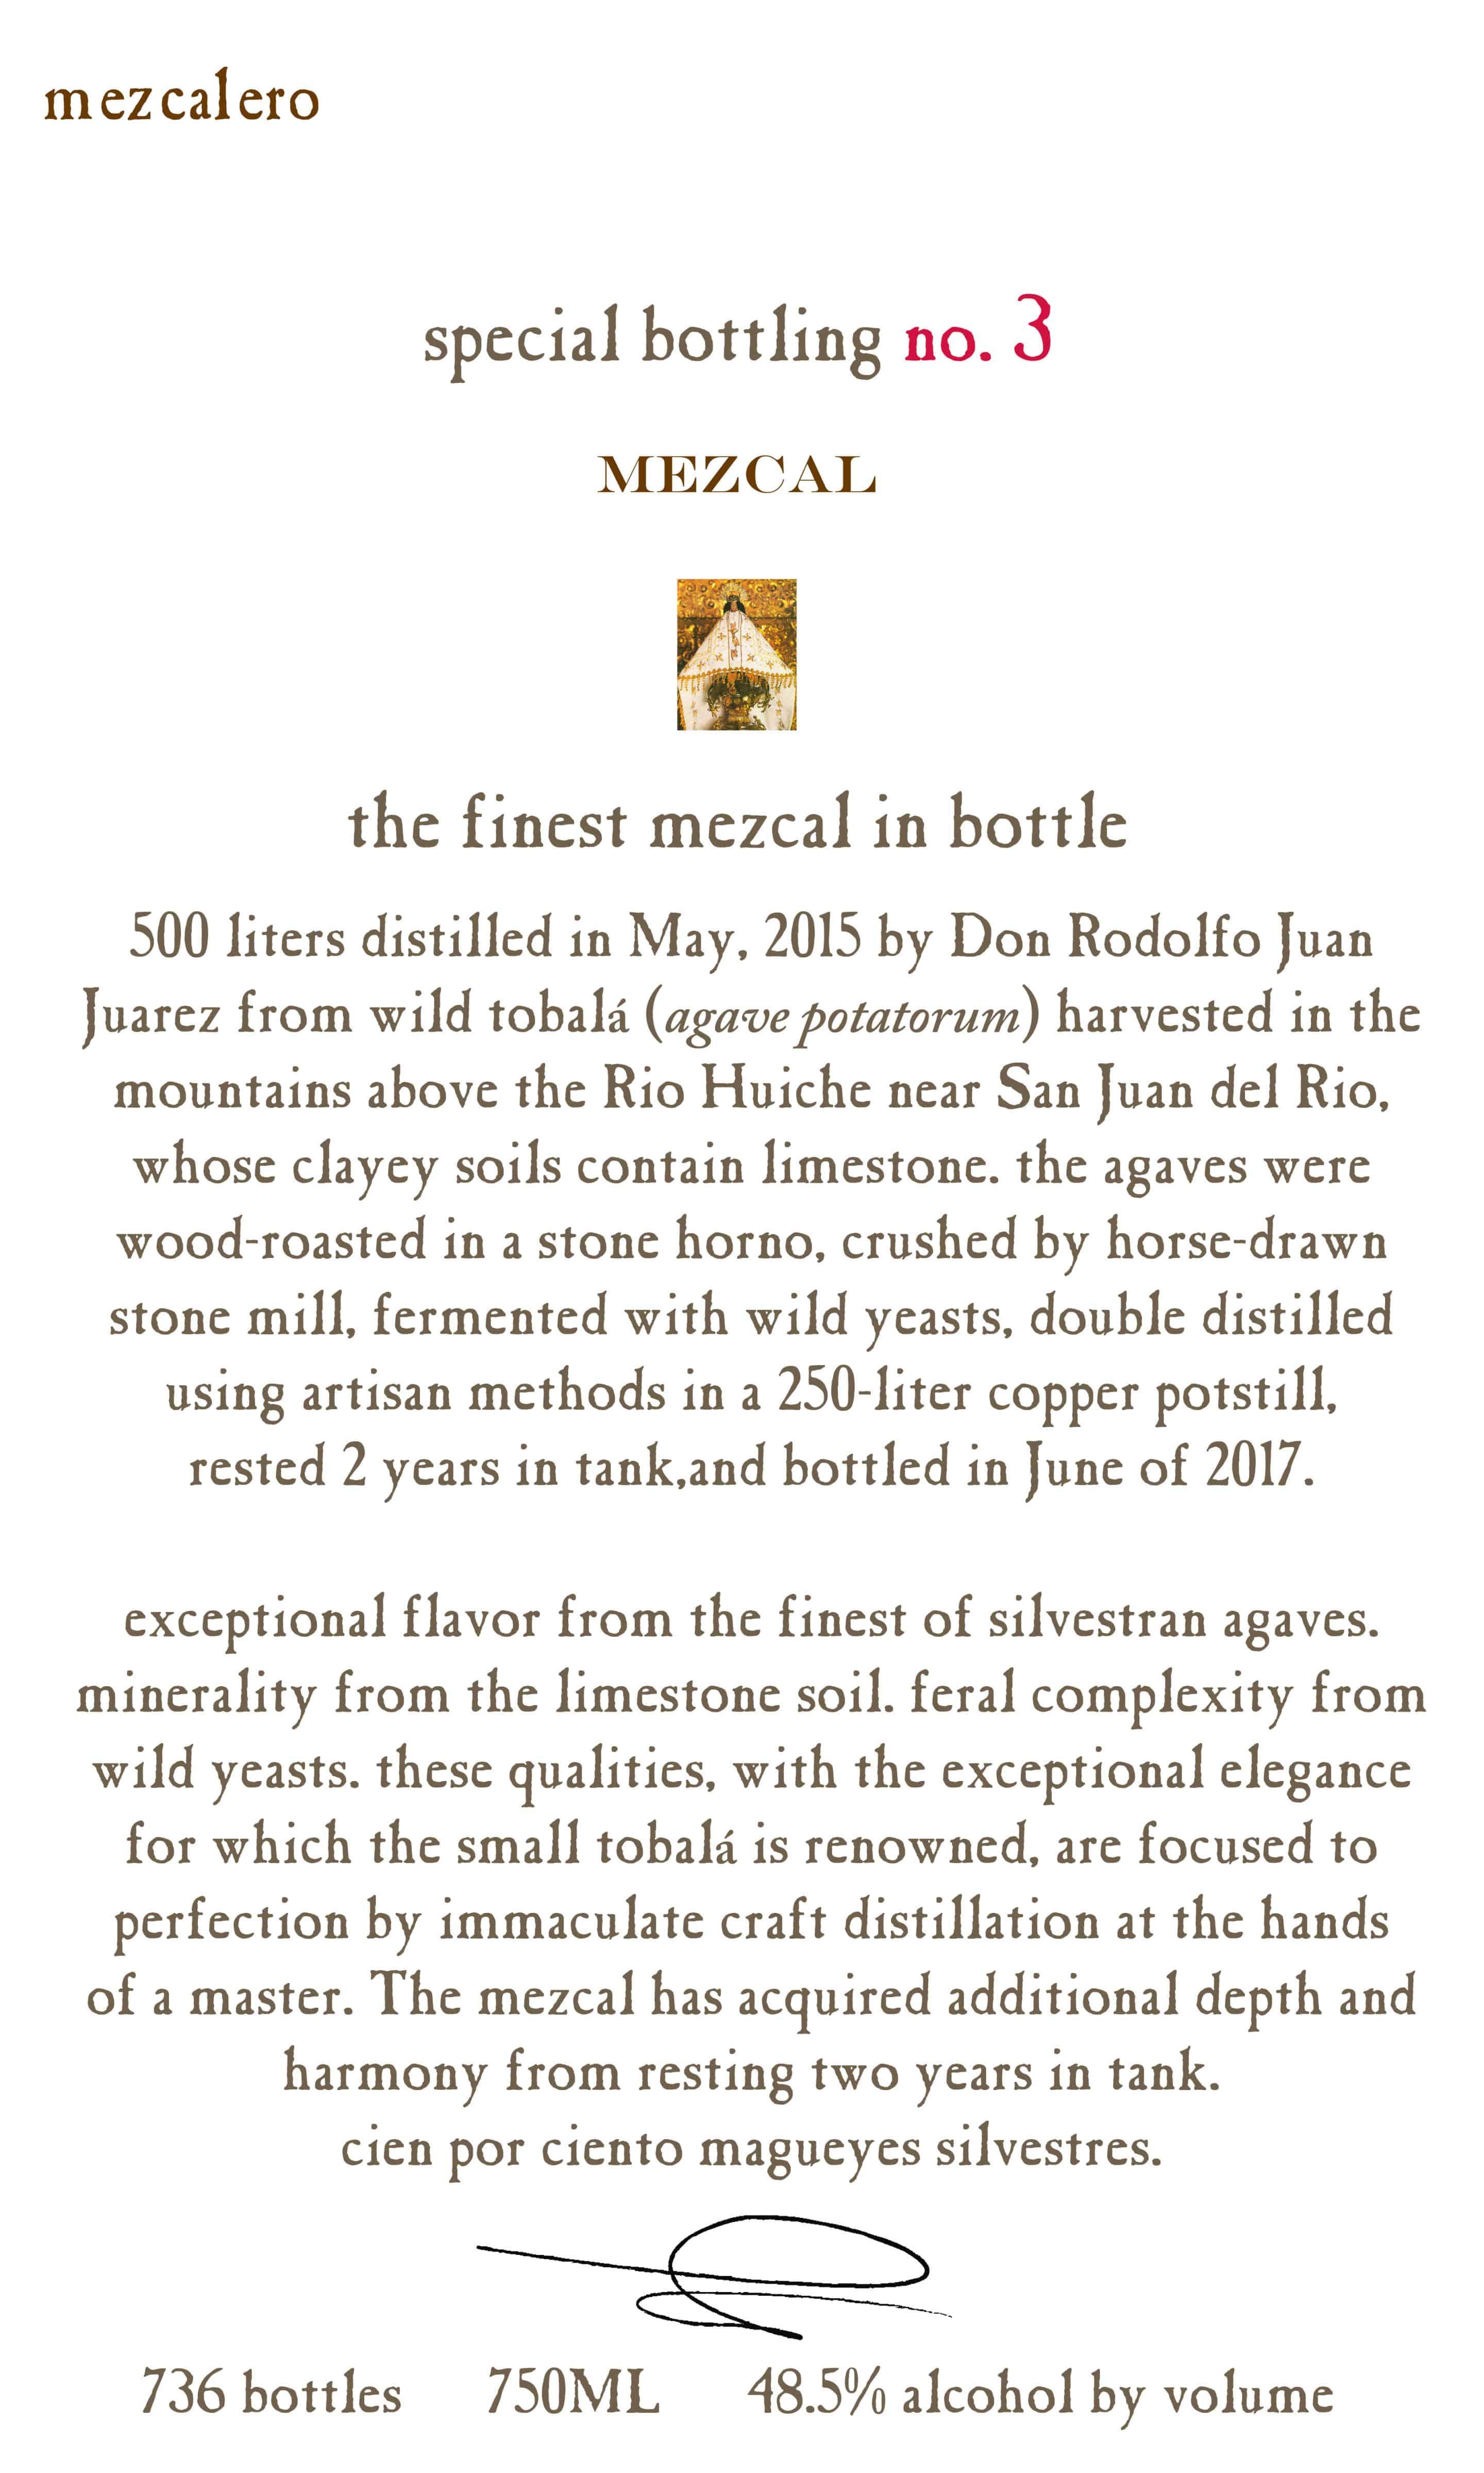 Mezcalero Special Bottling #3